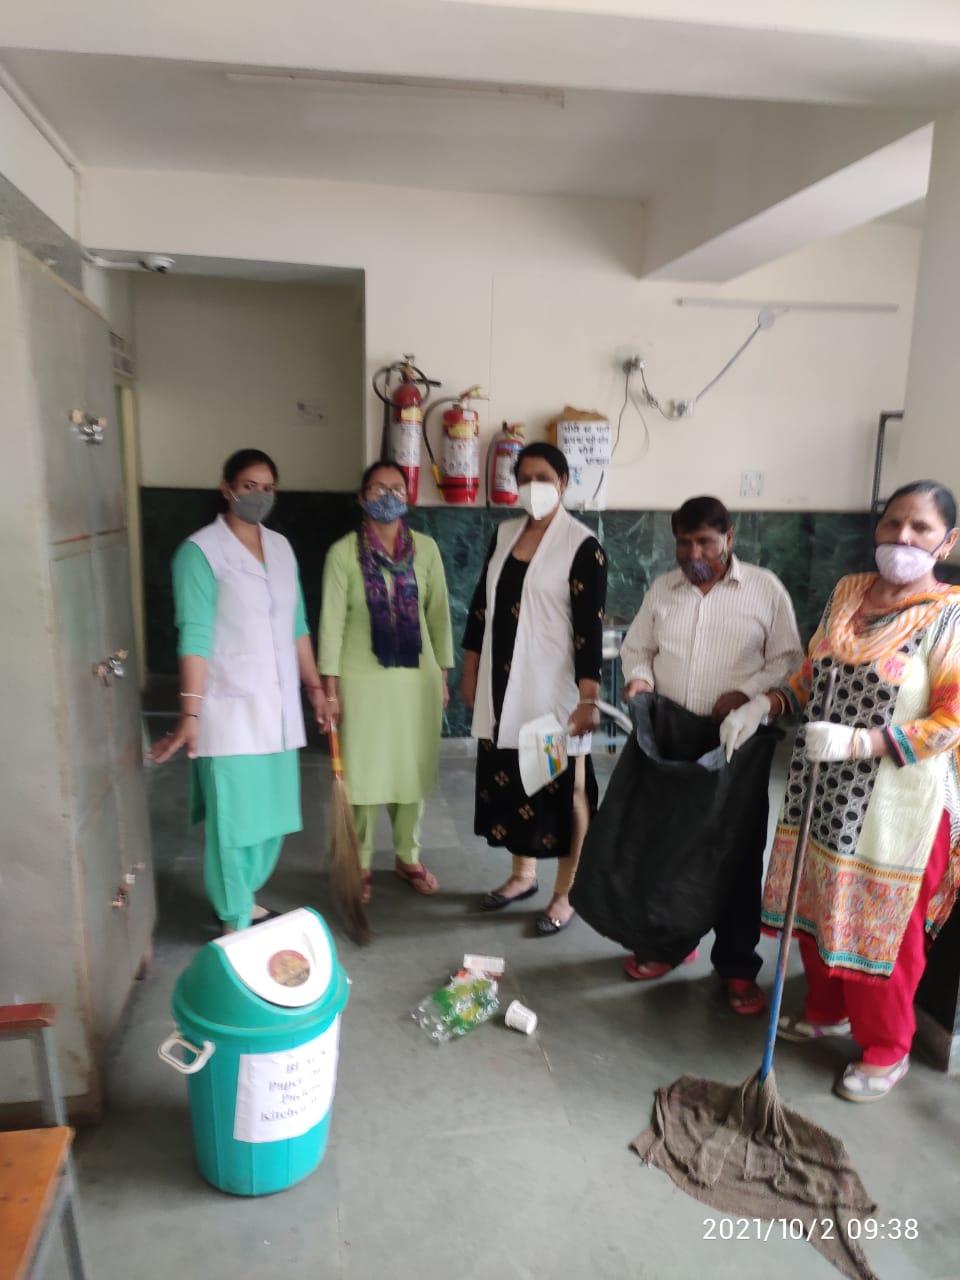 गांधी जयंती पर रामपुर बुशहर के 20 आयुर्वेदिक स्वास्थ्य केंद्रों में चला सफाई अभियान